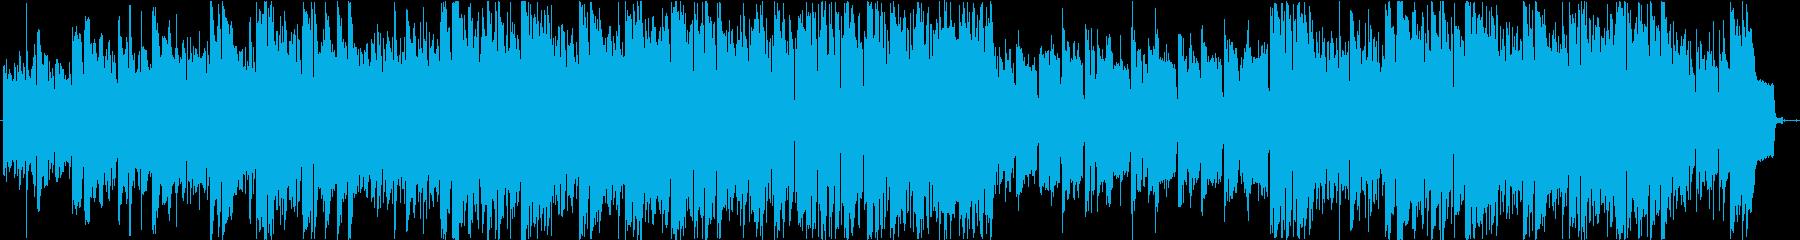 アメリカンサークルコード。の再生済みの波形